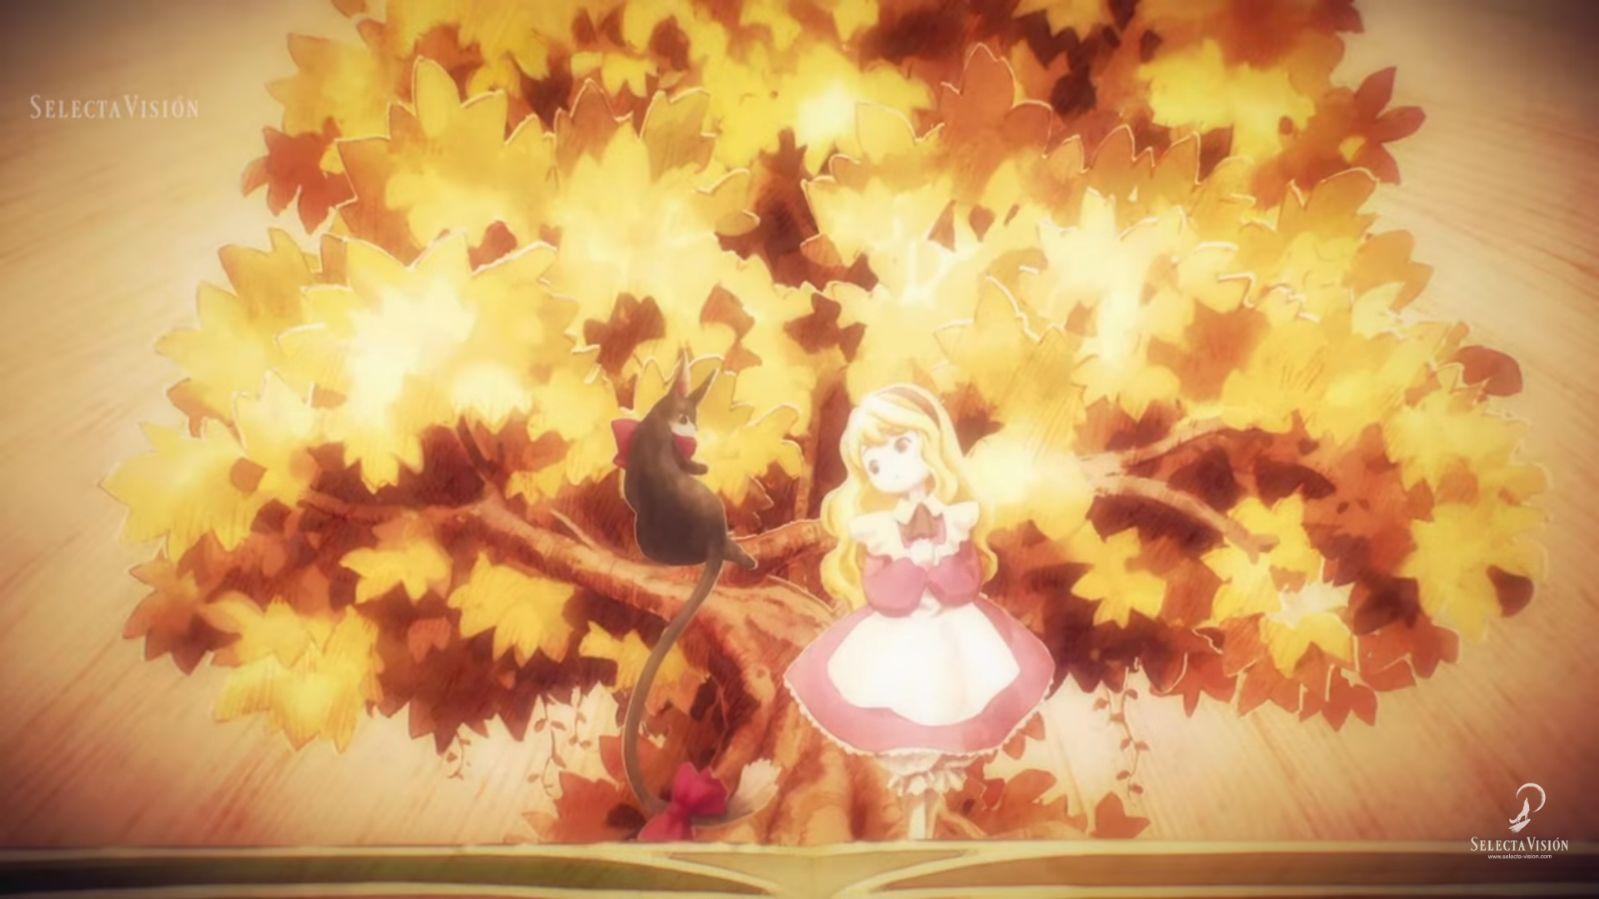 Cardcaptor Sakura Clear Card análisis episodio 18 Alicia